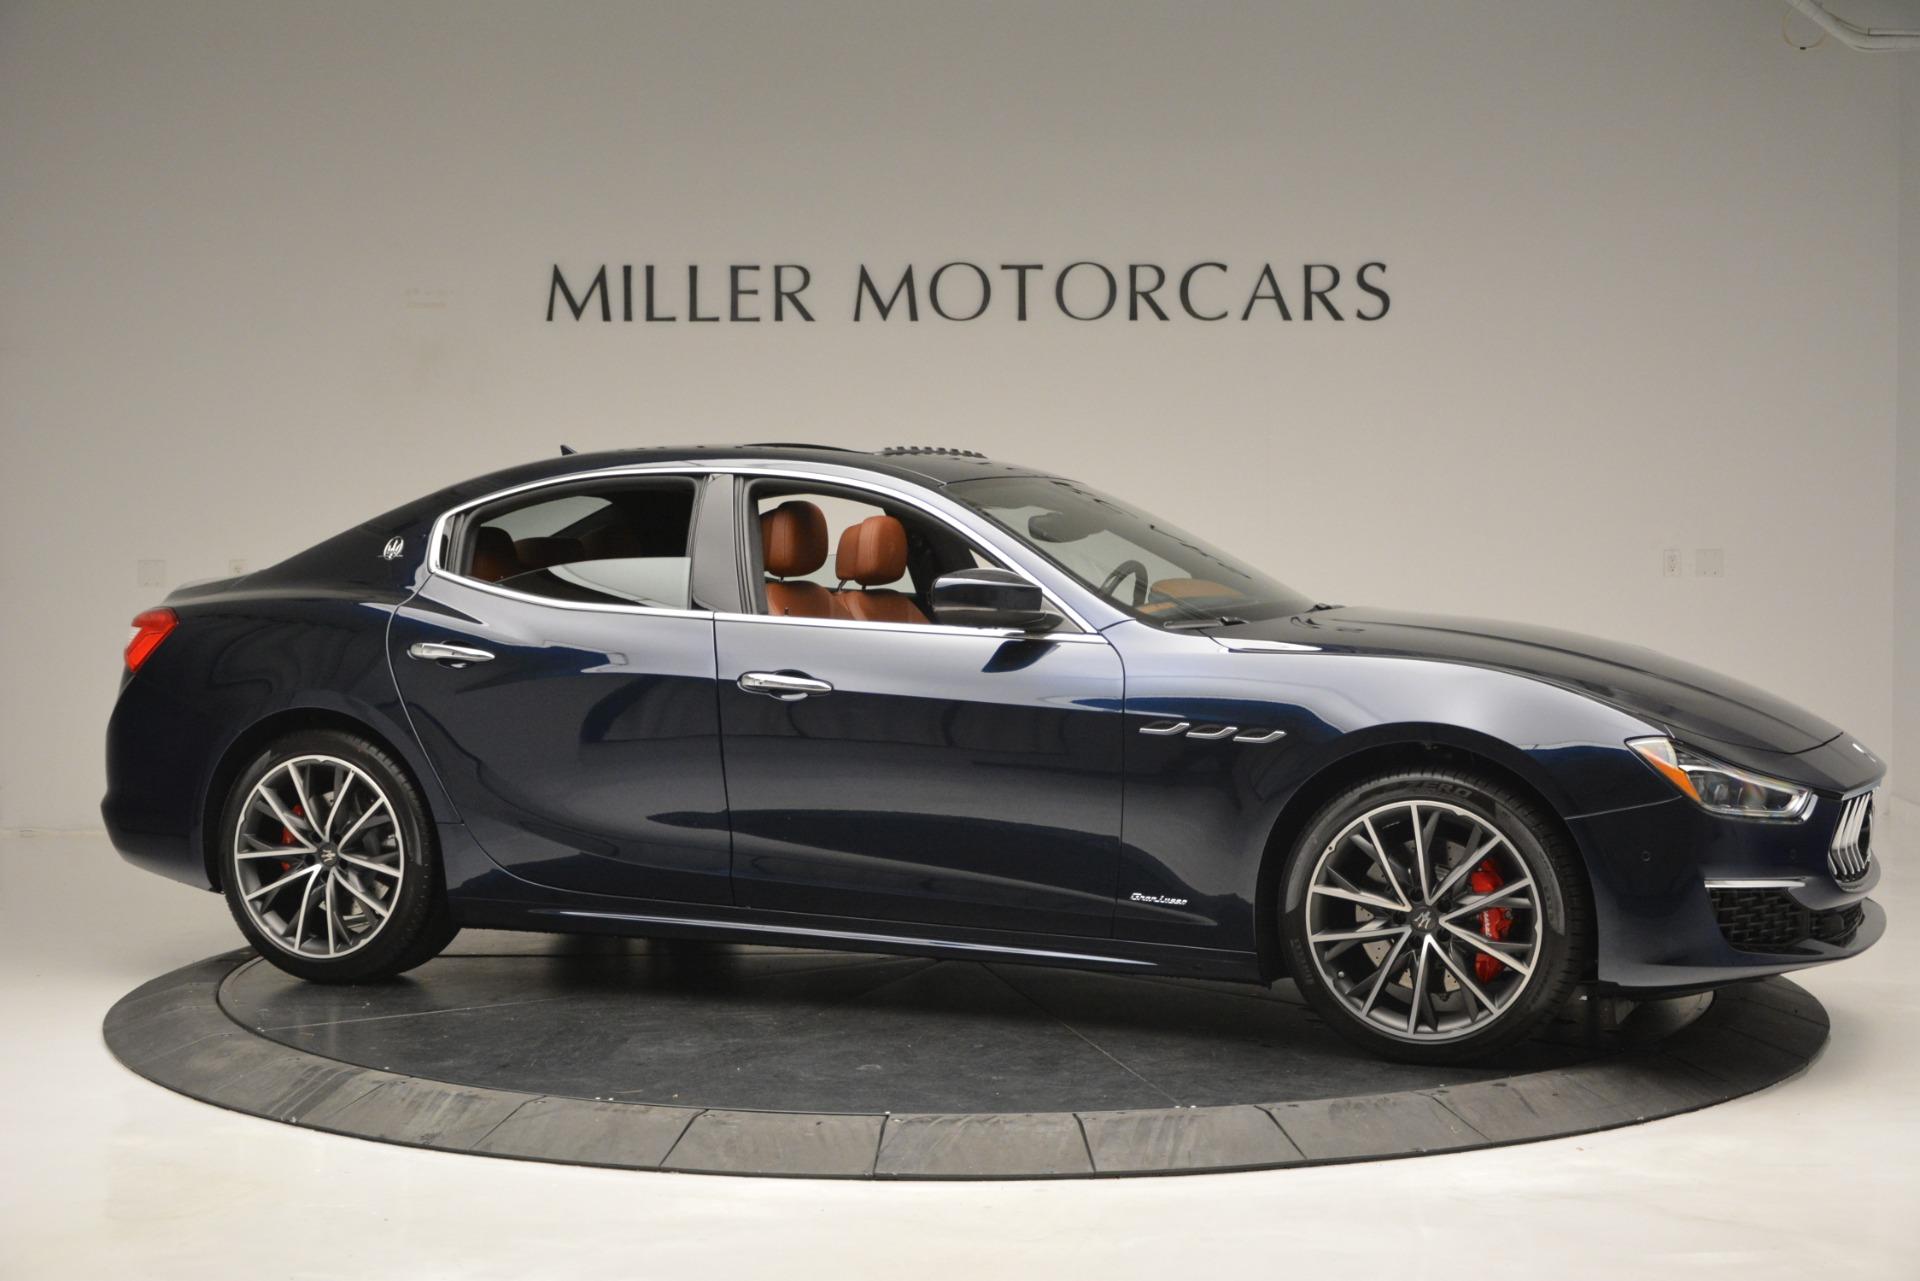 New 2019 Maserati Ghibli S Q4 GranLusso For Sale In Greenwich, CT. Alfa Romeo of Greenwich, M2251 2882_p14